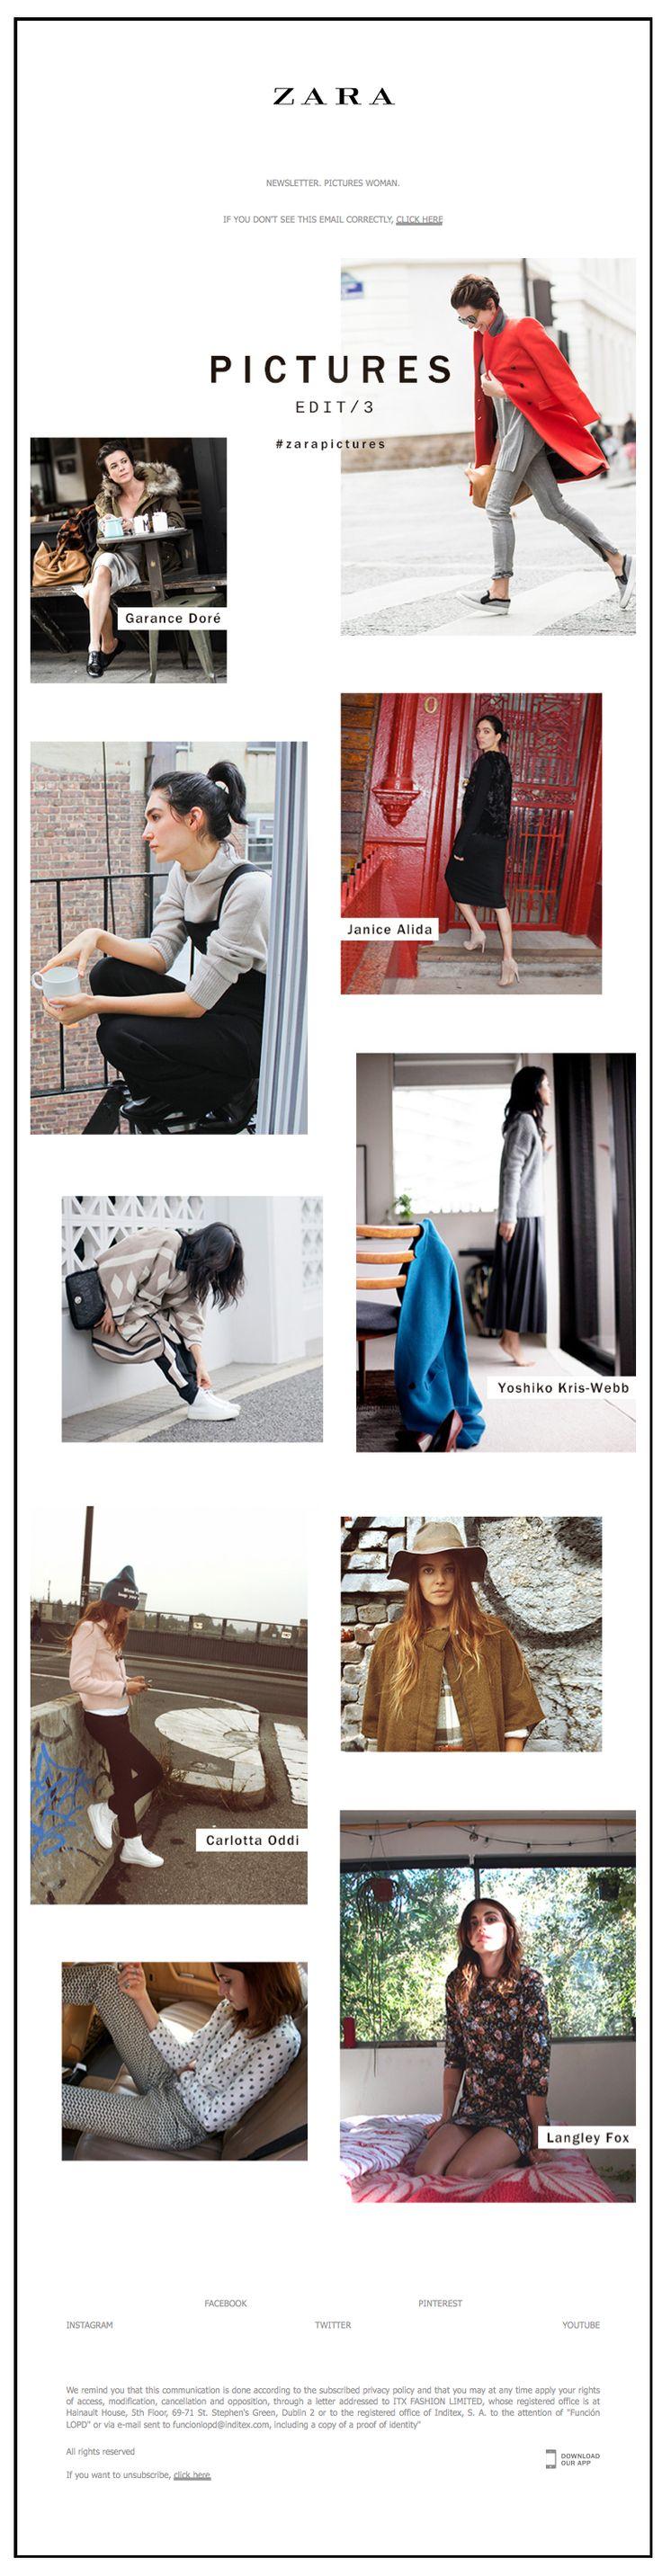 Zara poster design -  Zara